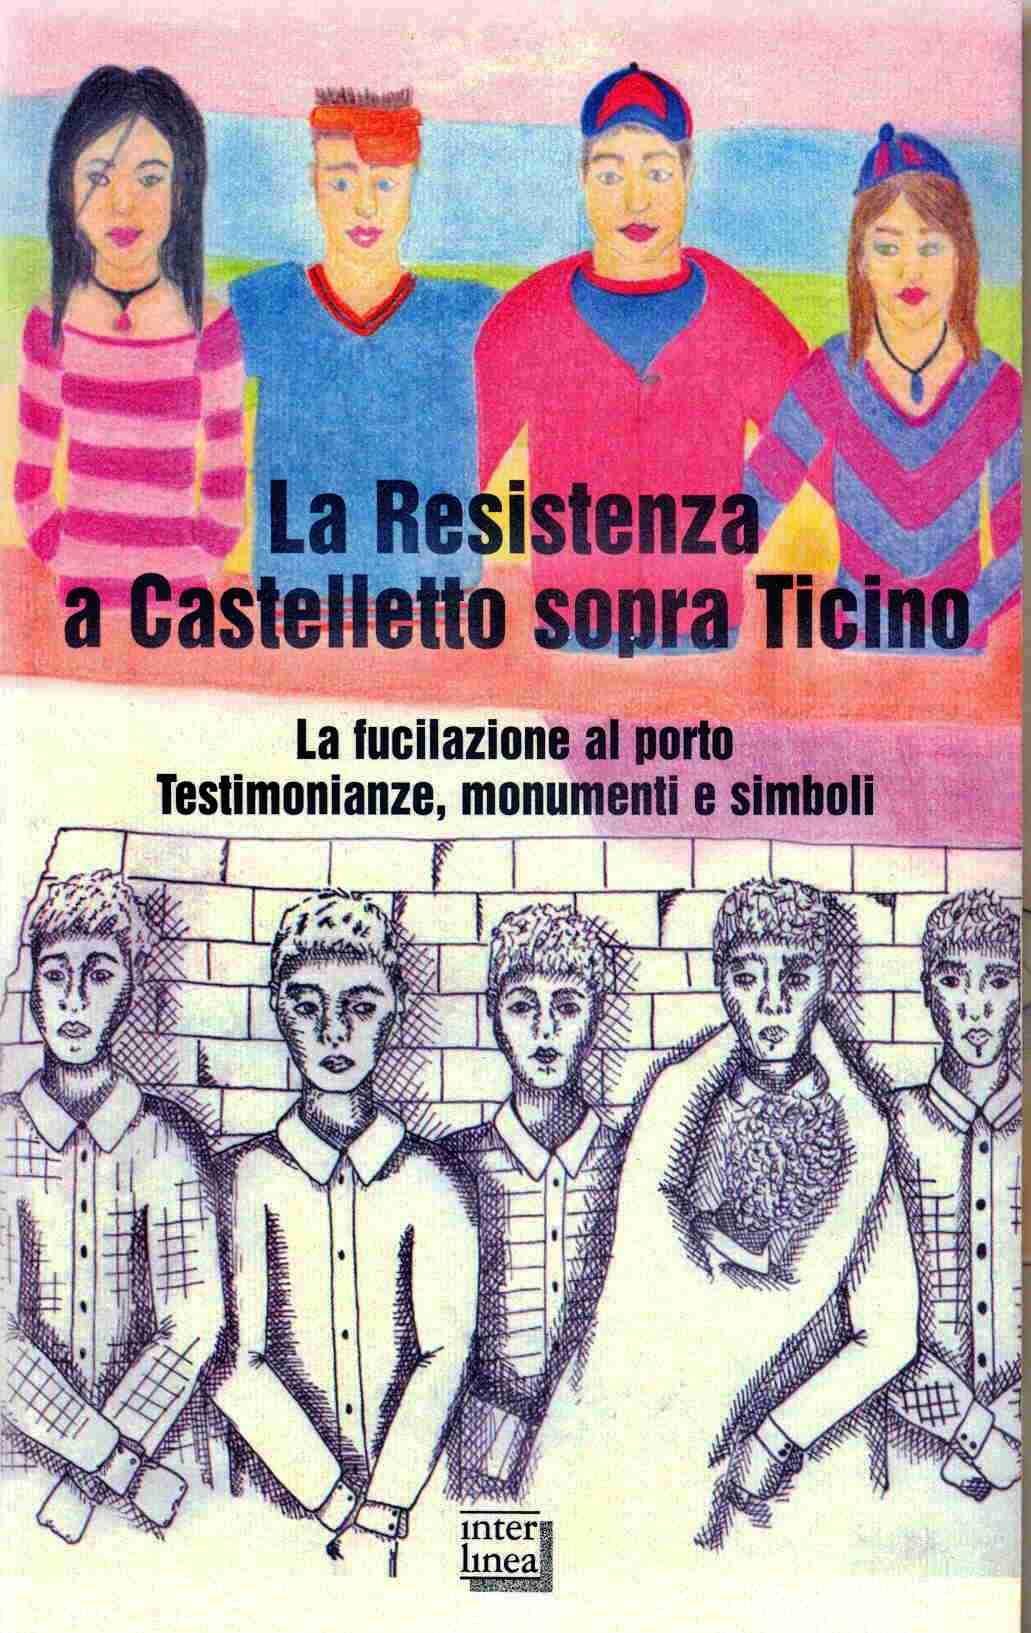 La Resistenza a Castelletto sopra Ticino